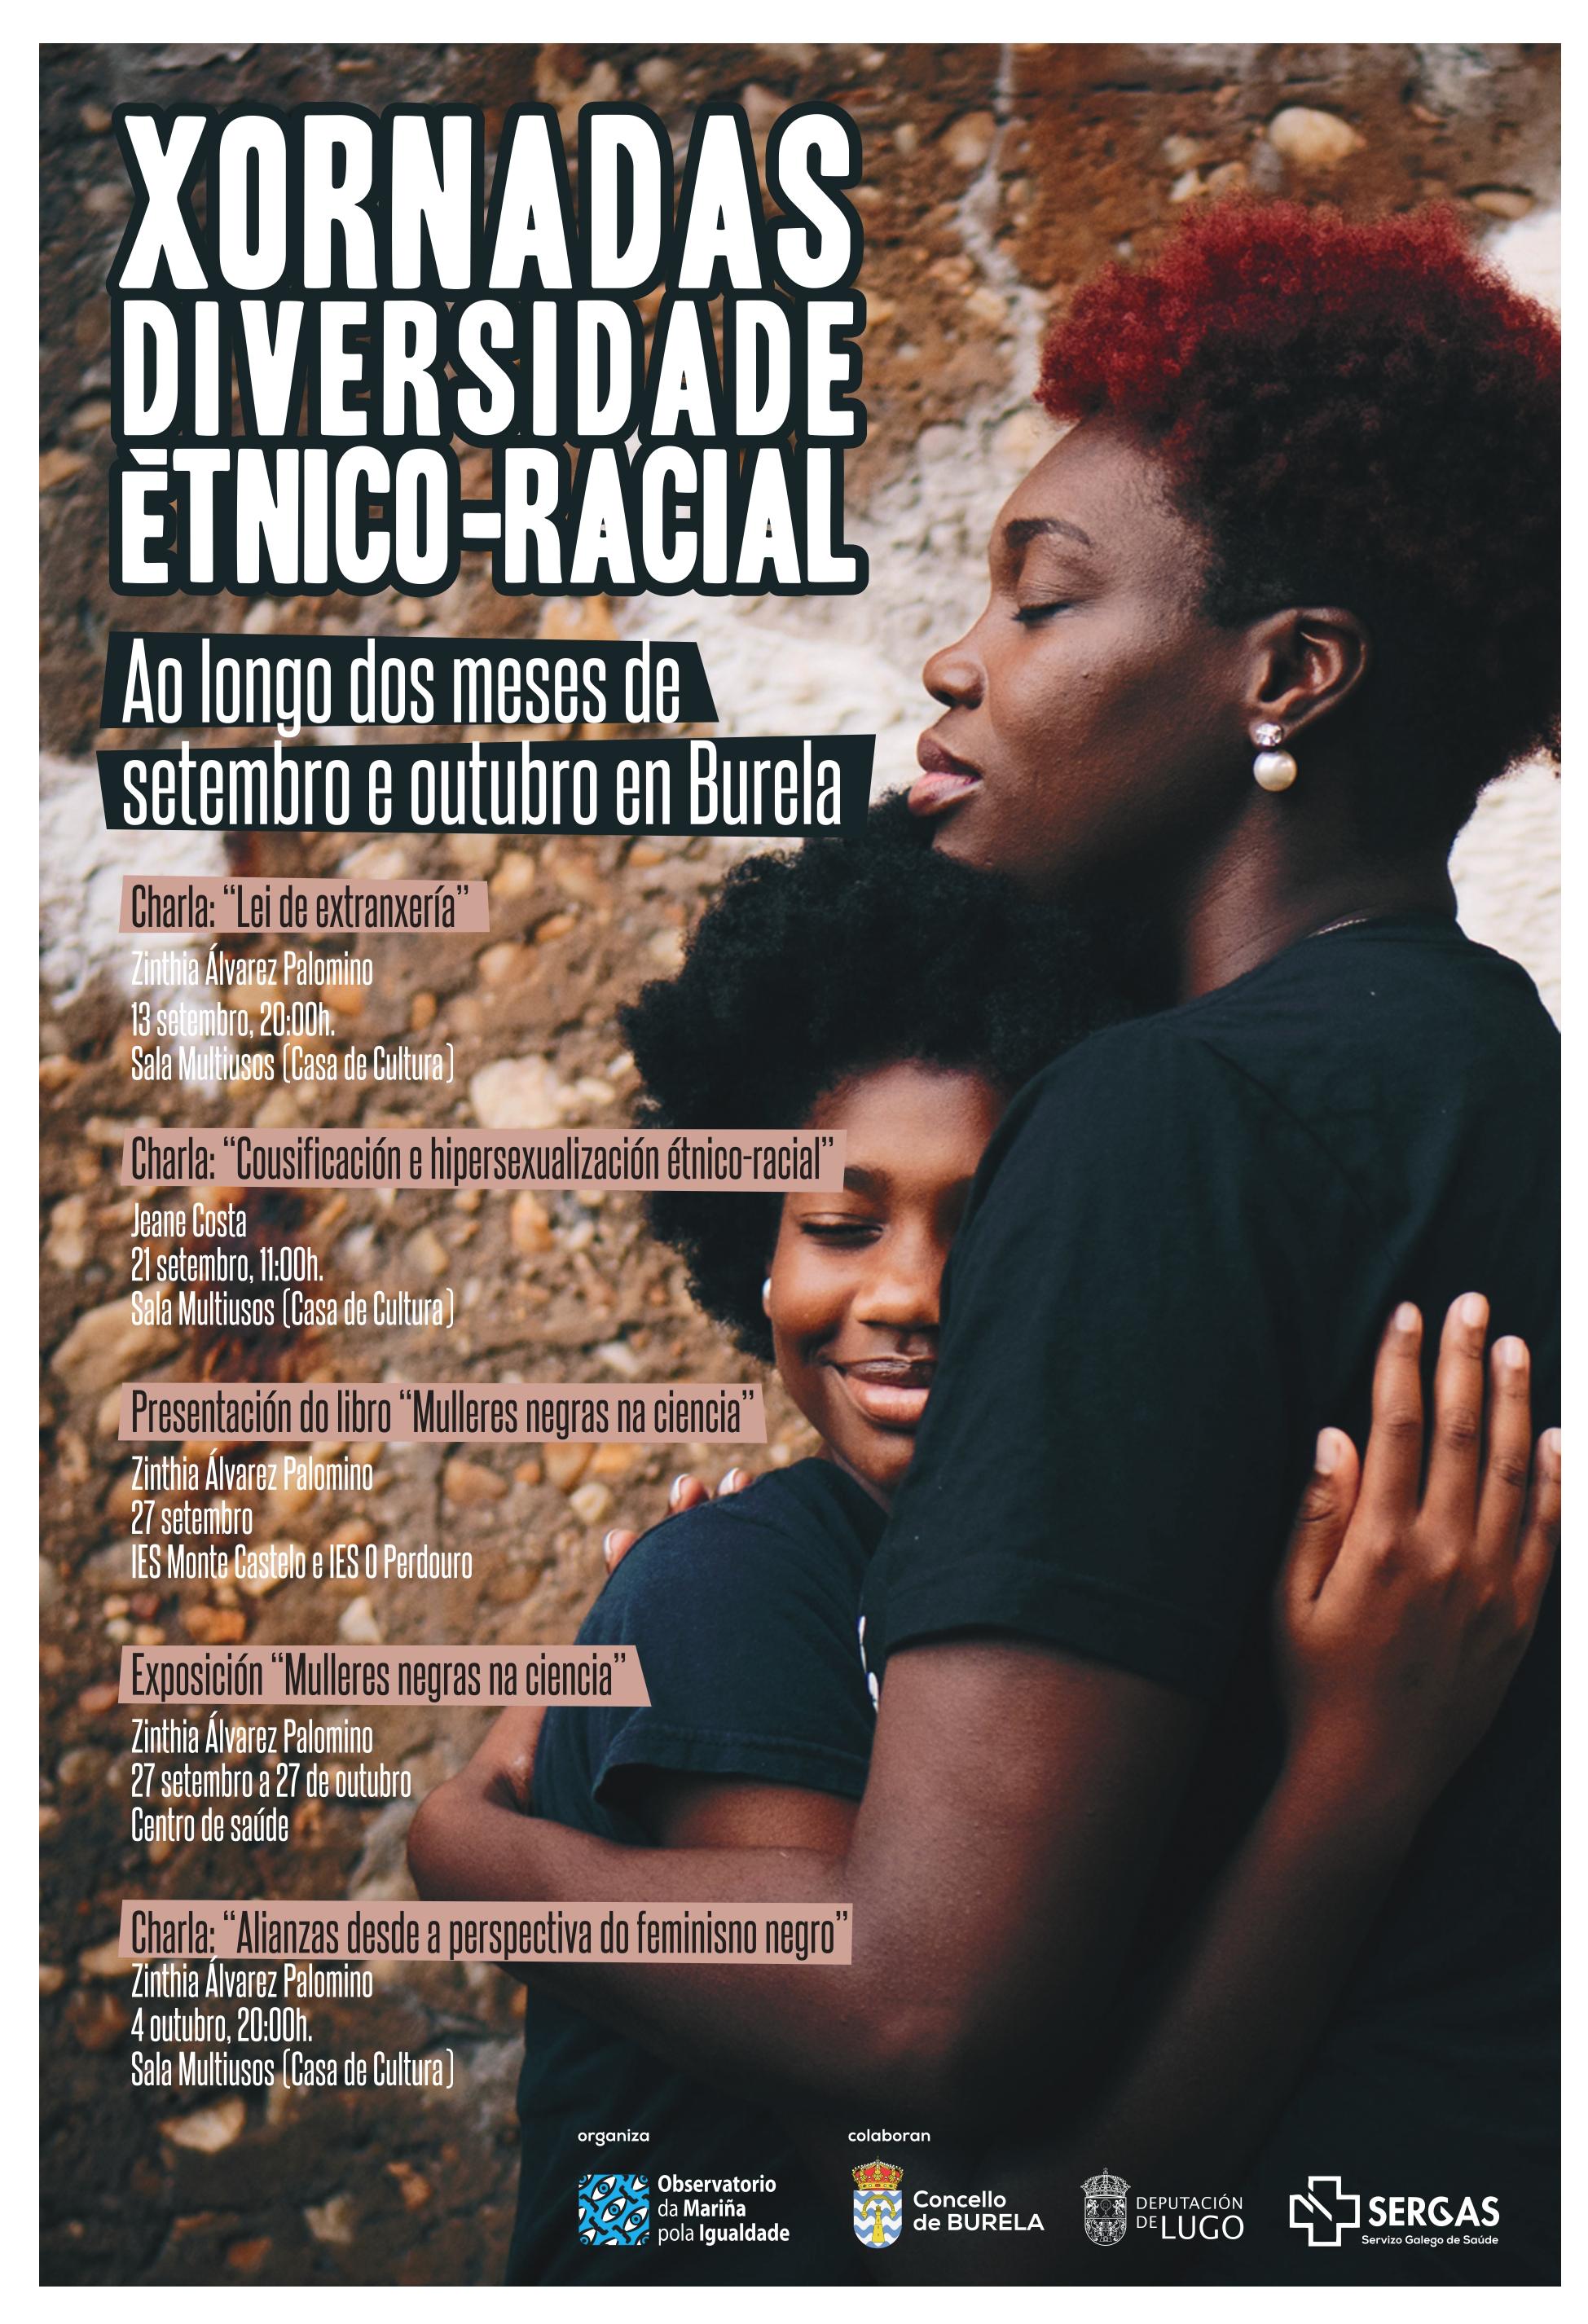 El Observatorio da Mariña por la Igualdad promueve las Jornadas de Diversidad Étnico-Racial en Burela